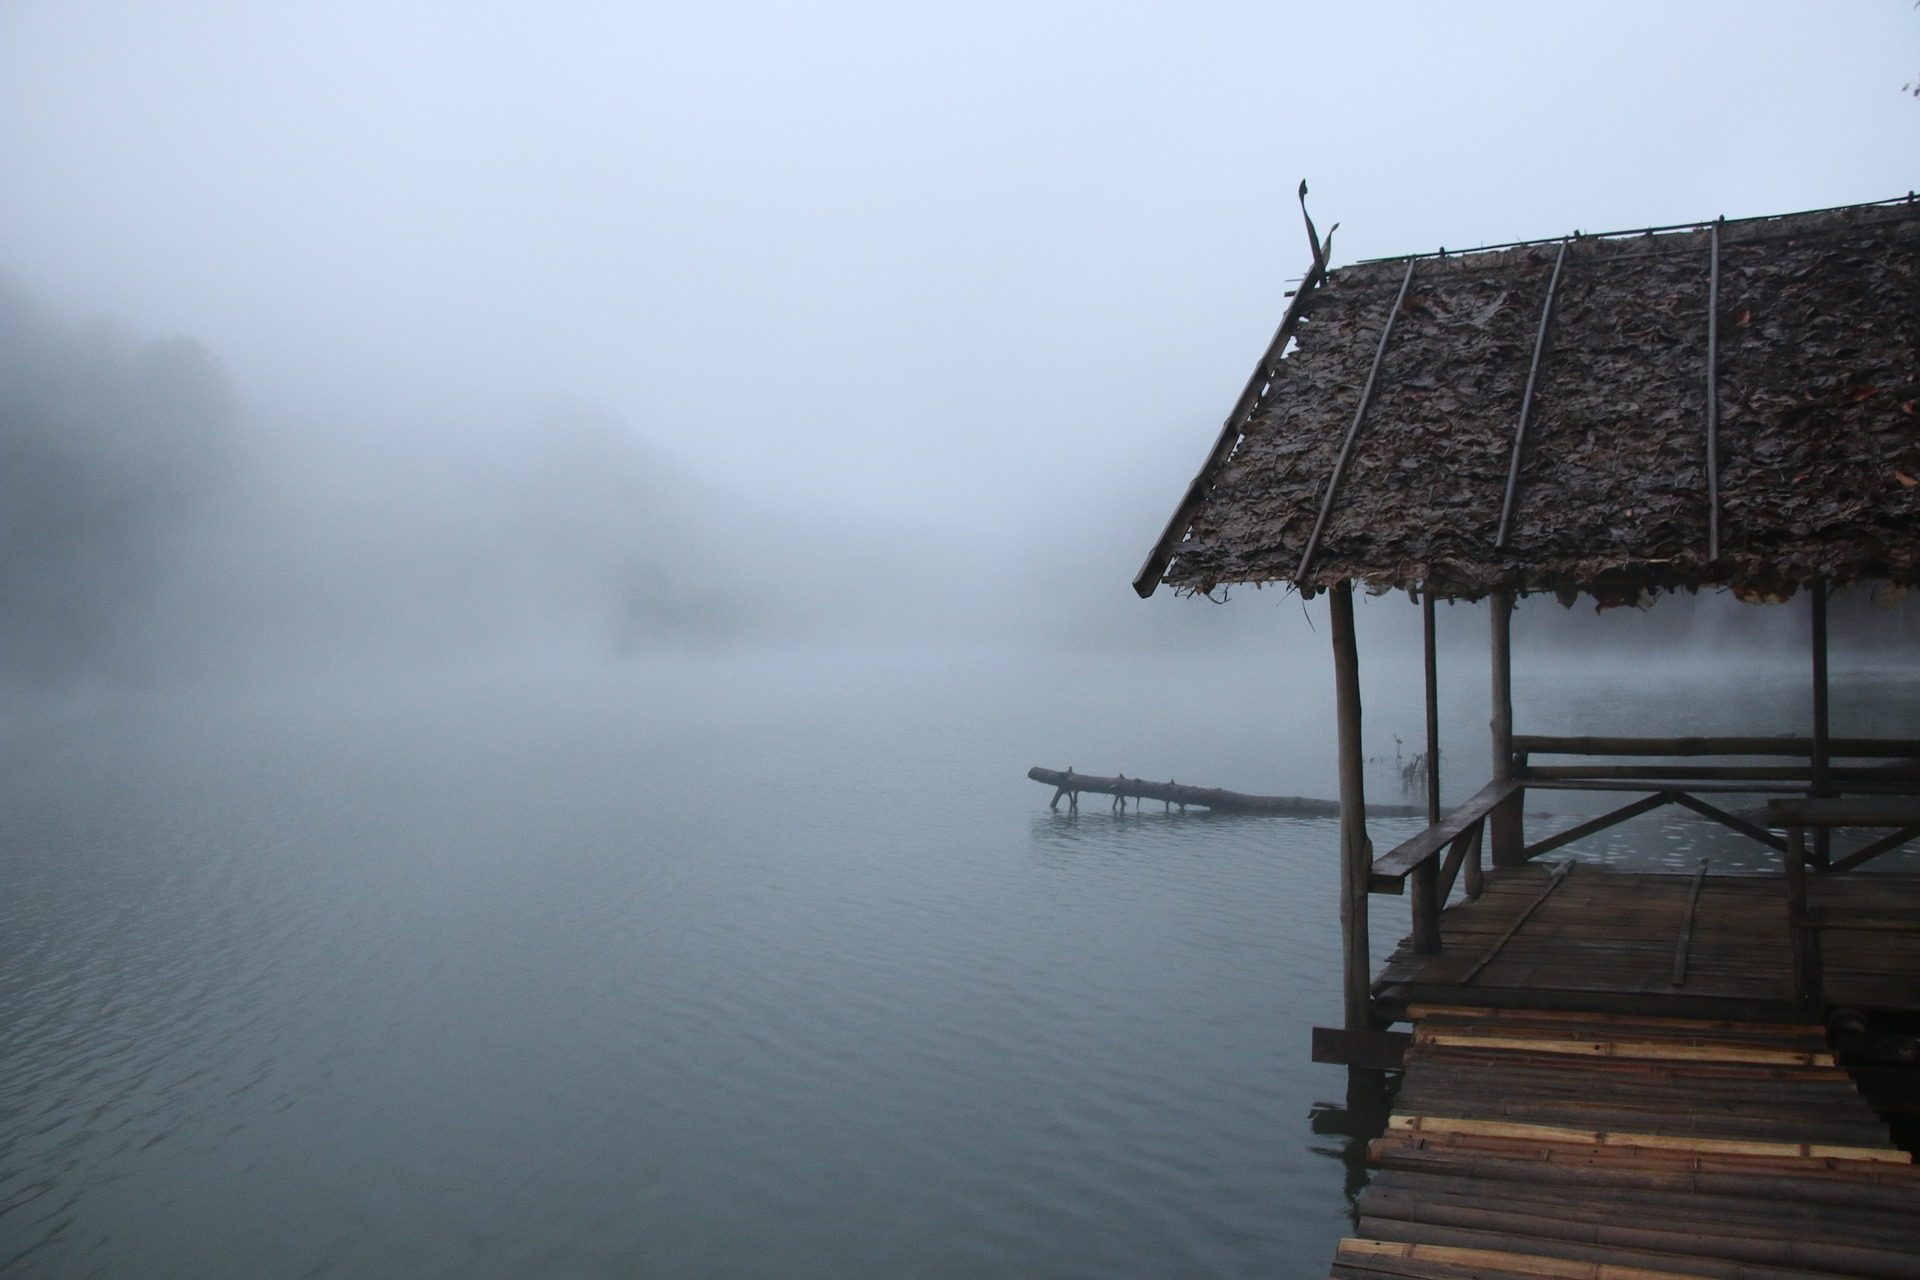 Cabana, cabana, Embarcadero, Lago, nevoeiro - Papéis de parede HD - Professor-falken.com